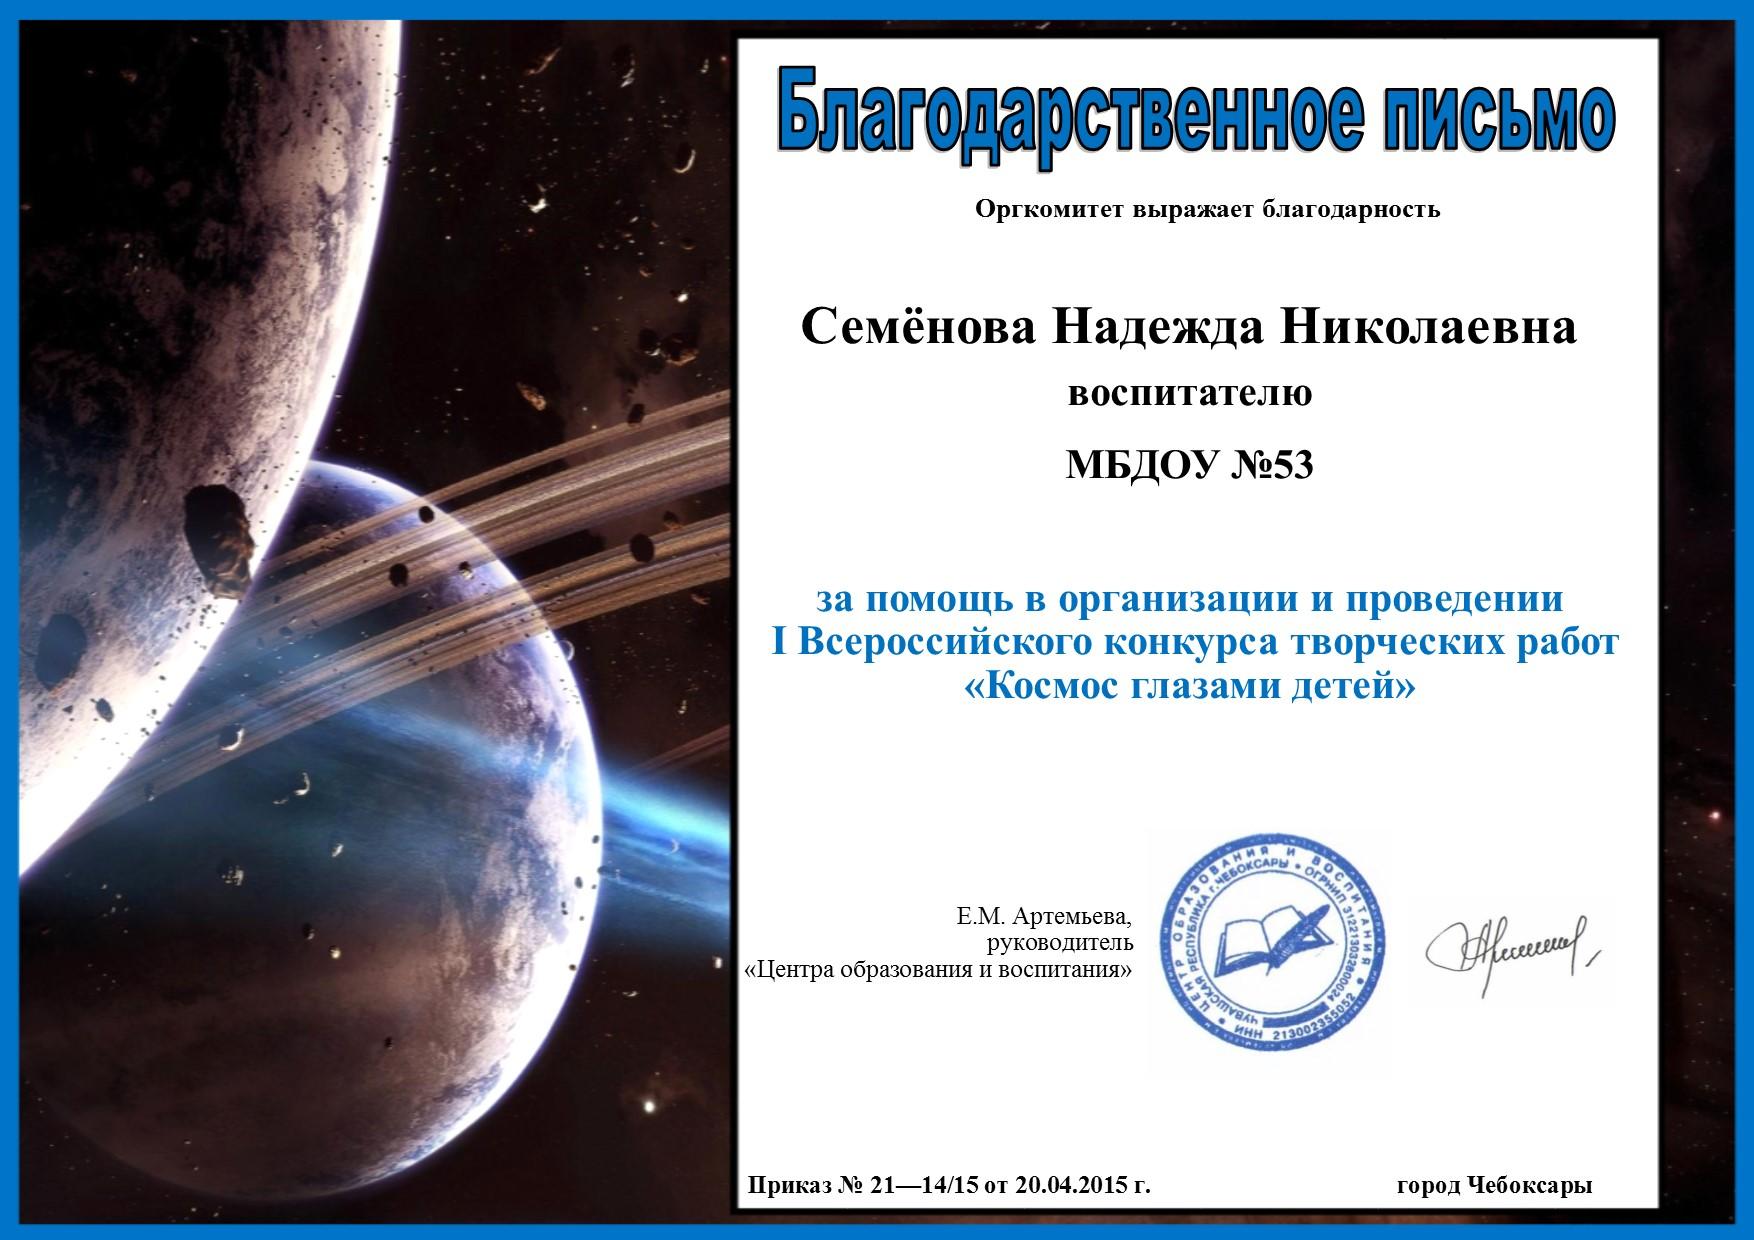 Семёнова Надежда Николаевна